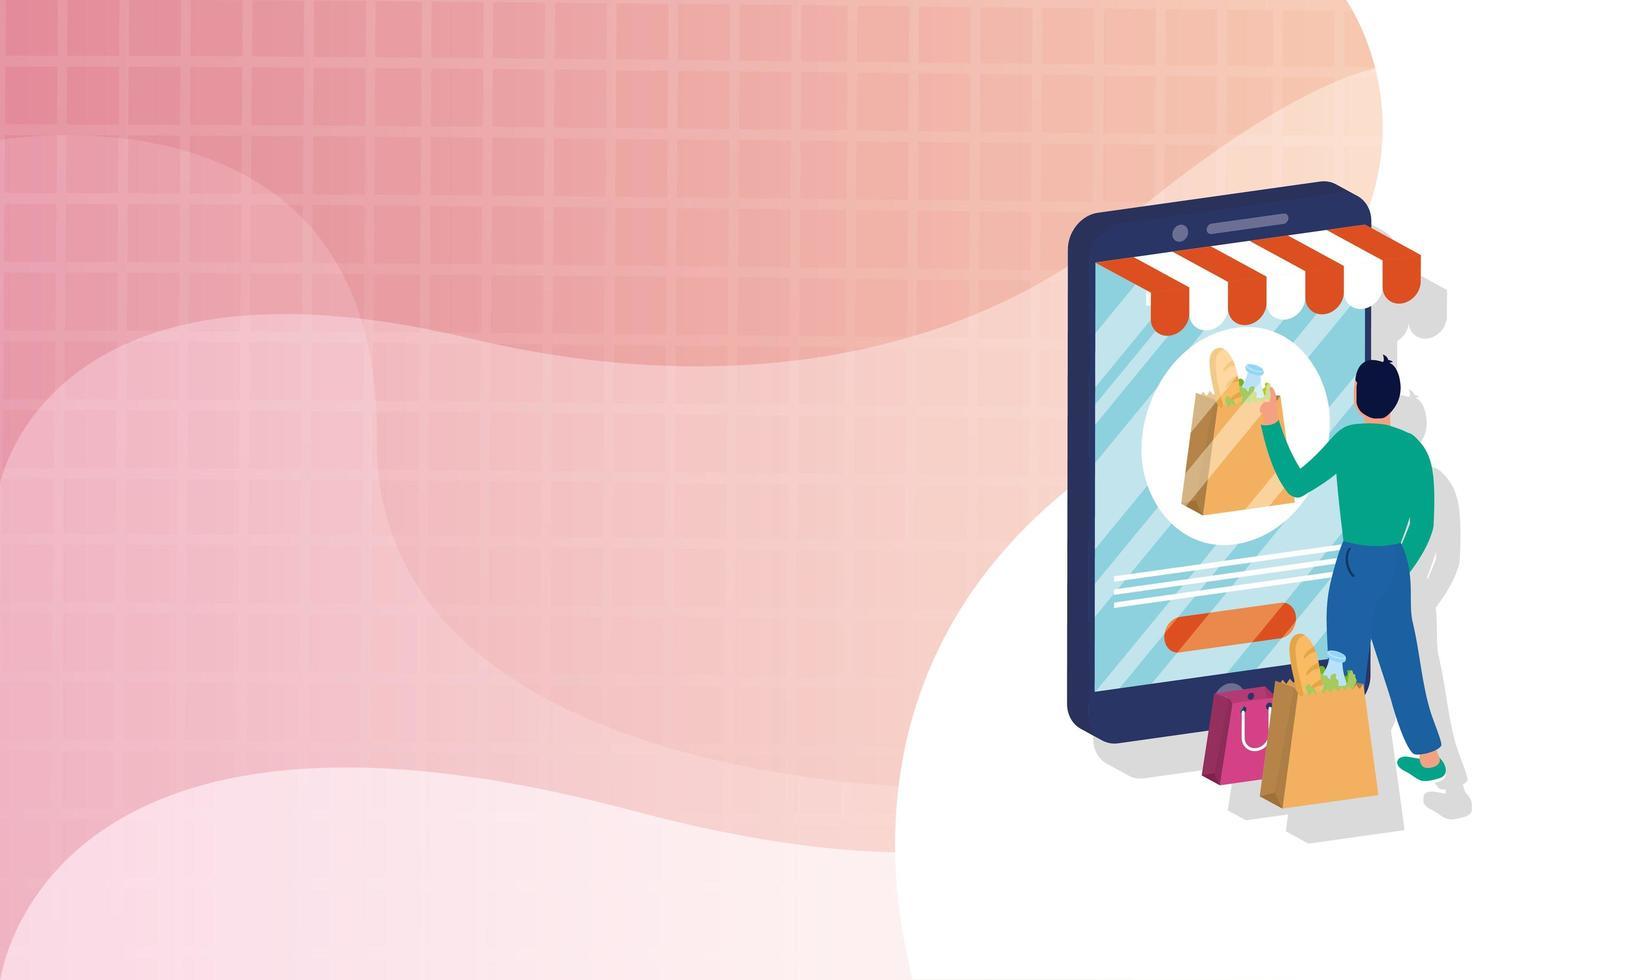 Online-Shopping online mit Mann kaufen und Smartphone vektor